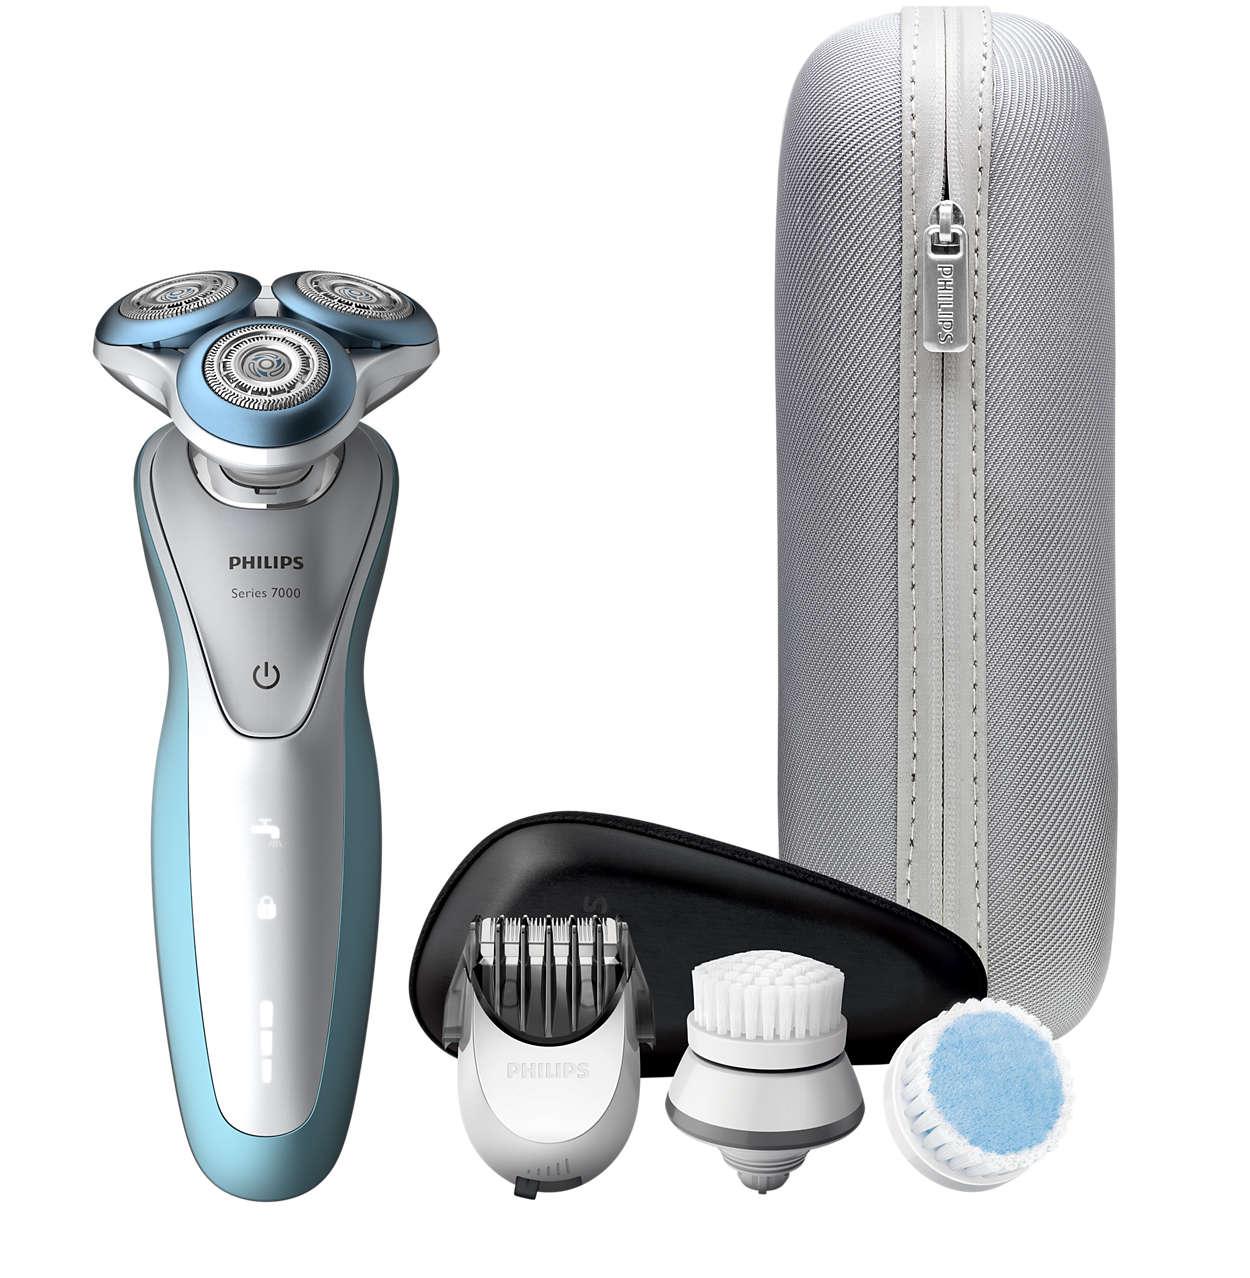 流畅顺滑的剃须体验,提高皮肤舒适度